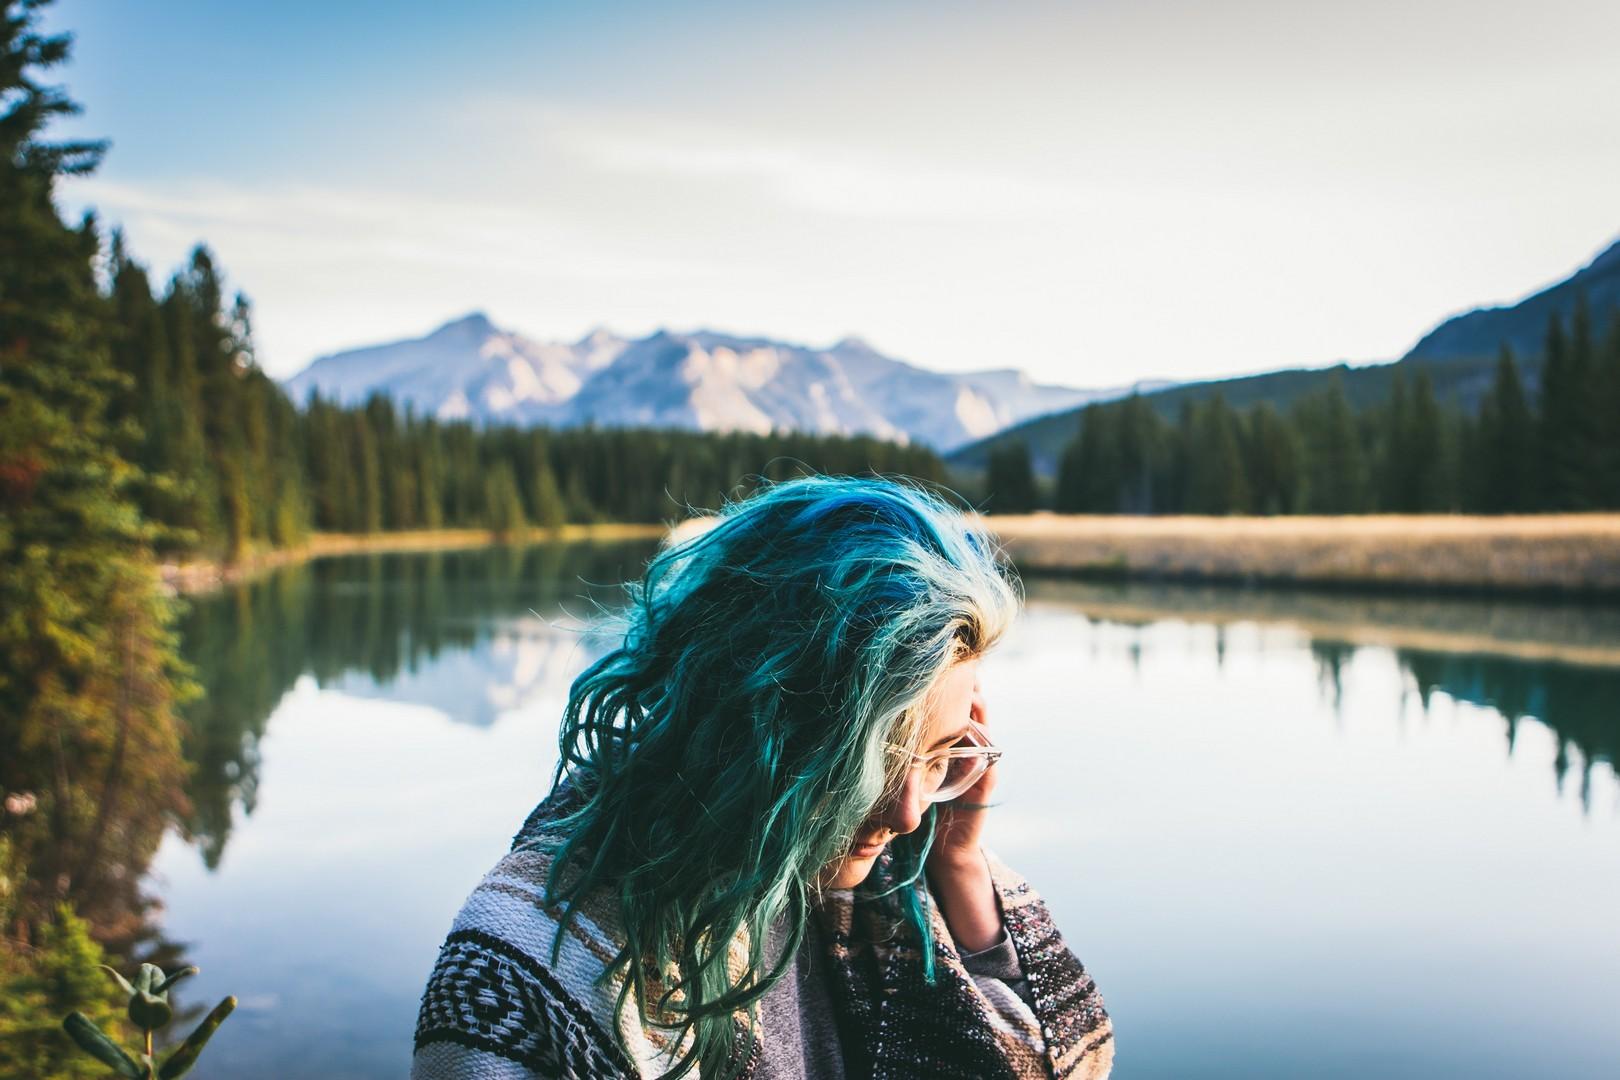 Mulher olhando para baixo, de perfil, cabelos azuis com mesclas loiras, em uma paisagem repleta de coníferas, com um lago atrás e montanhas ao fundo.